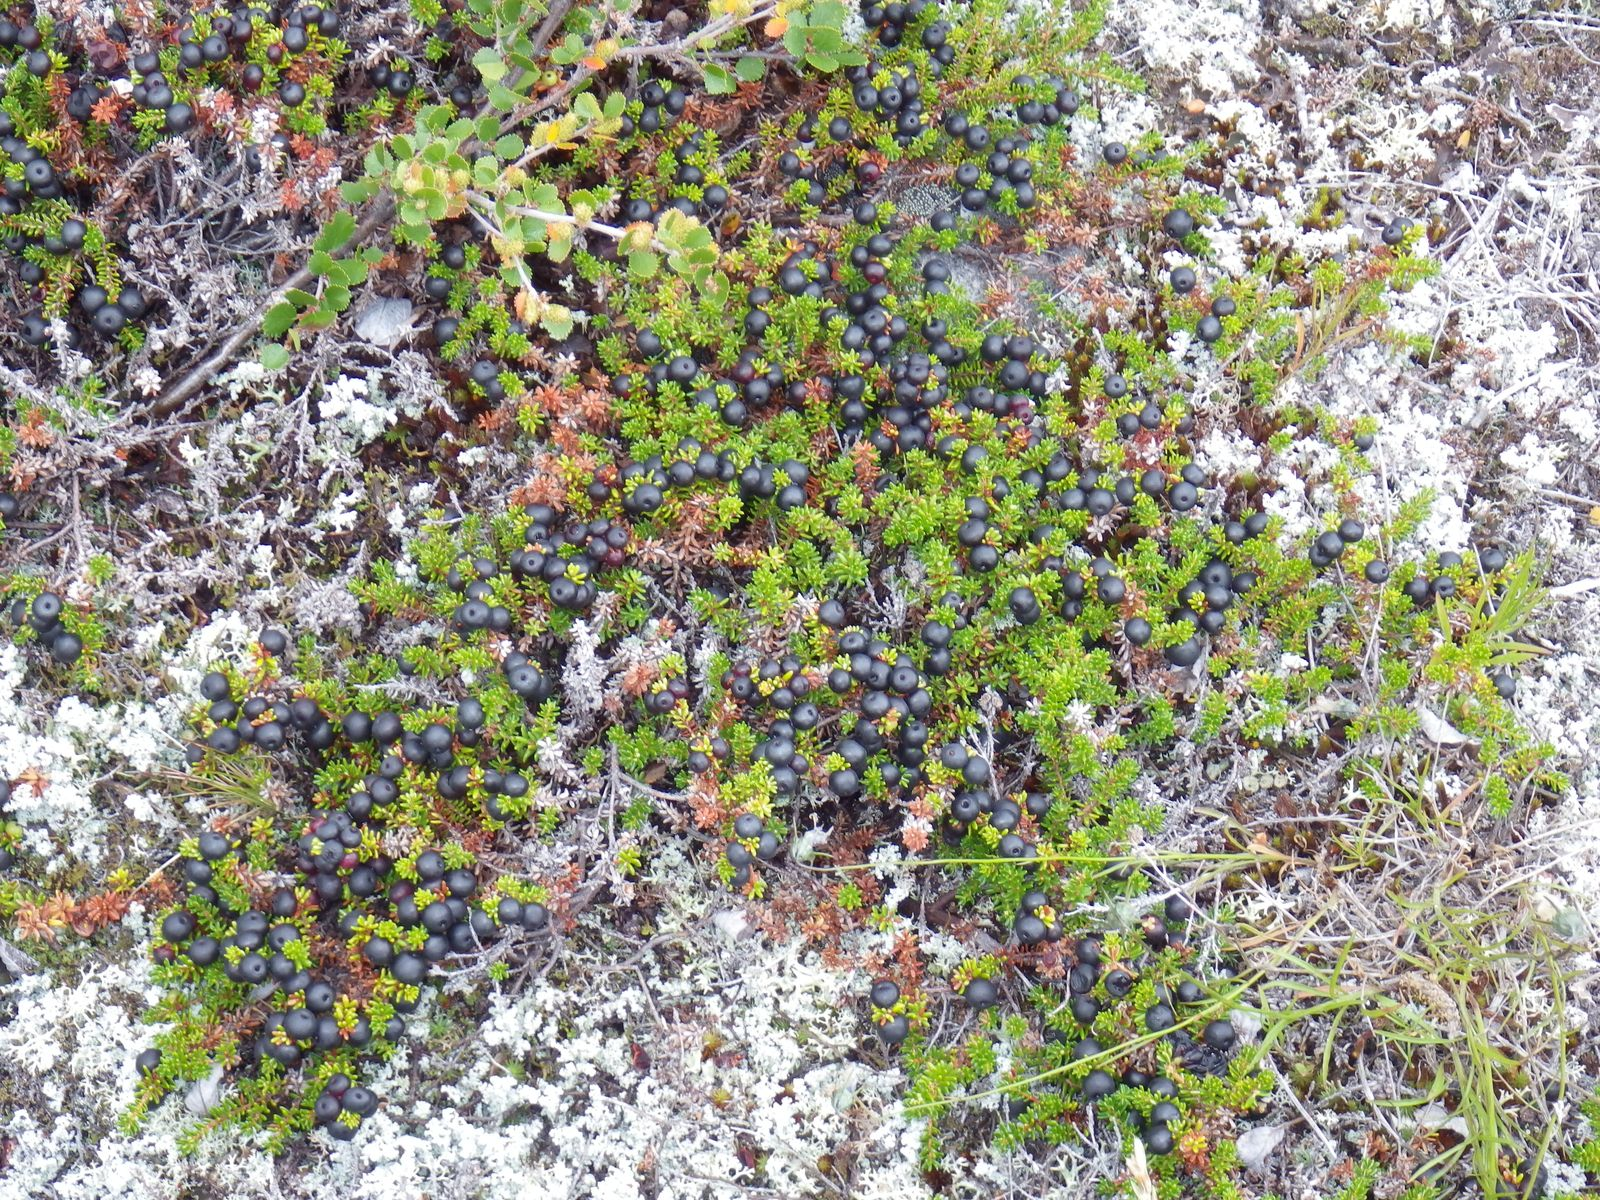 2013-08-17-1527_-_vegetation